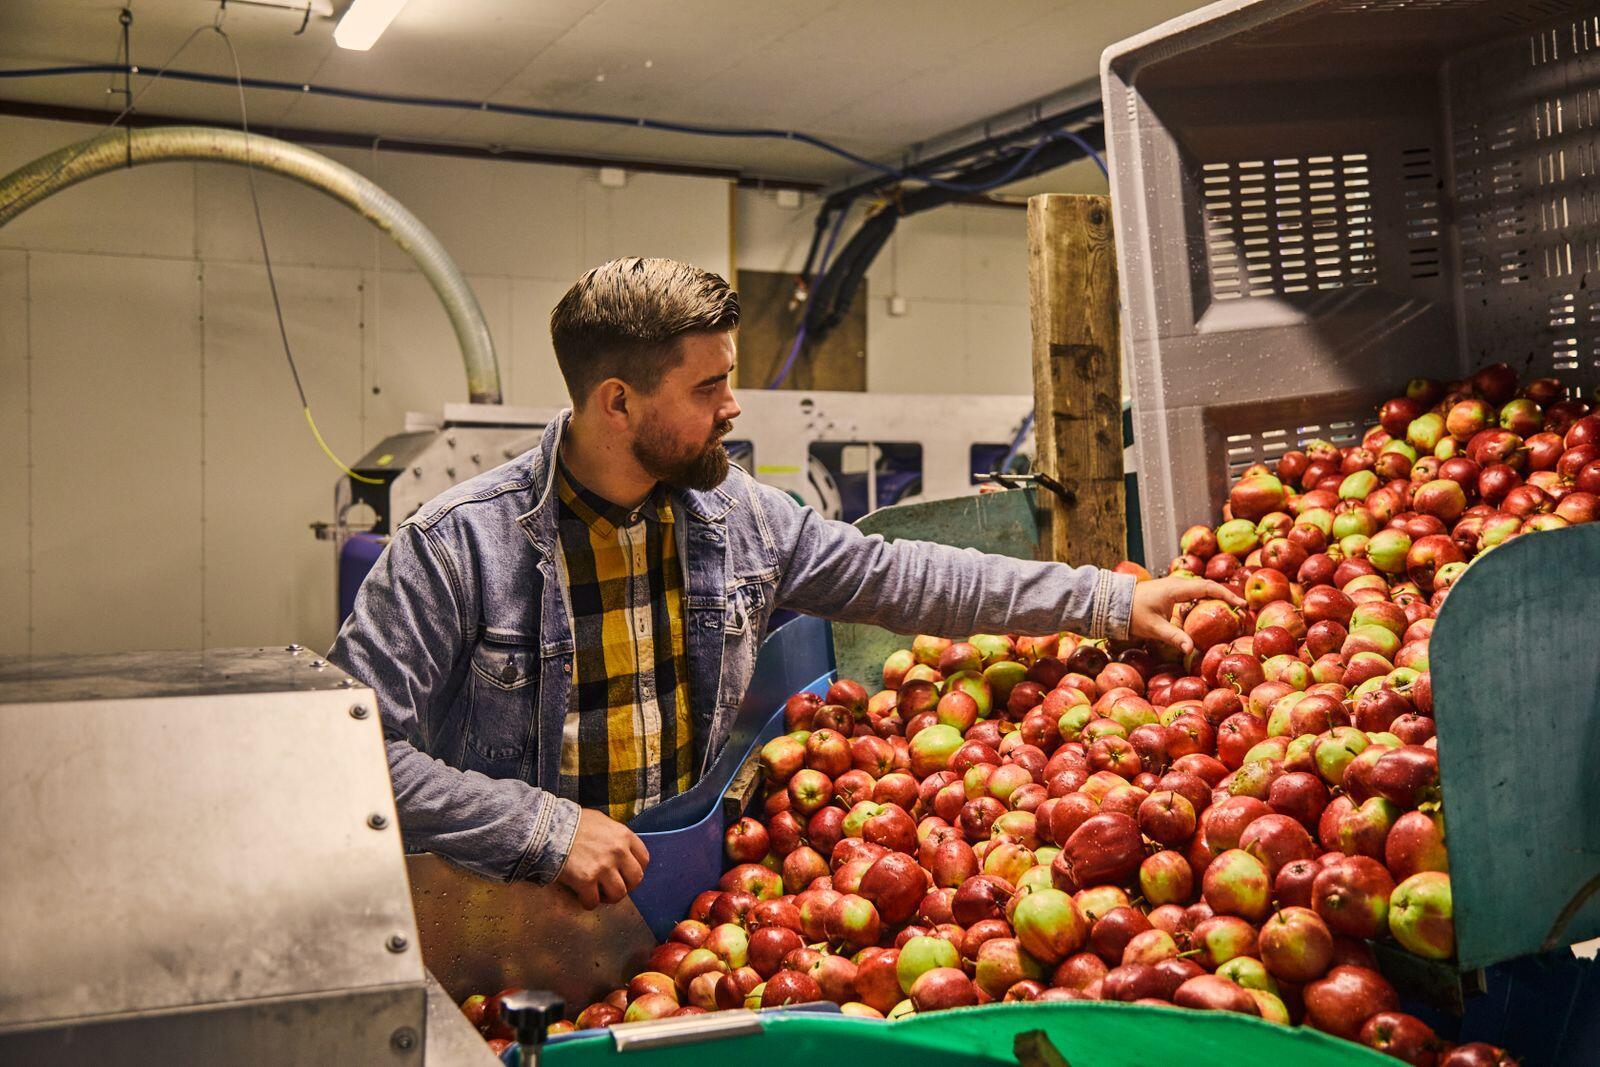 Che ci crediate o no: la fantastica crescita dei siti norvegesi è diventata una realtà perché alcuni frutticoltori credono nelle opportunità di creare qualcosa di unico dai propri frutti e dalle proprie tradizioni, scrive Chronicle.  Foto: Einstein Hara